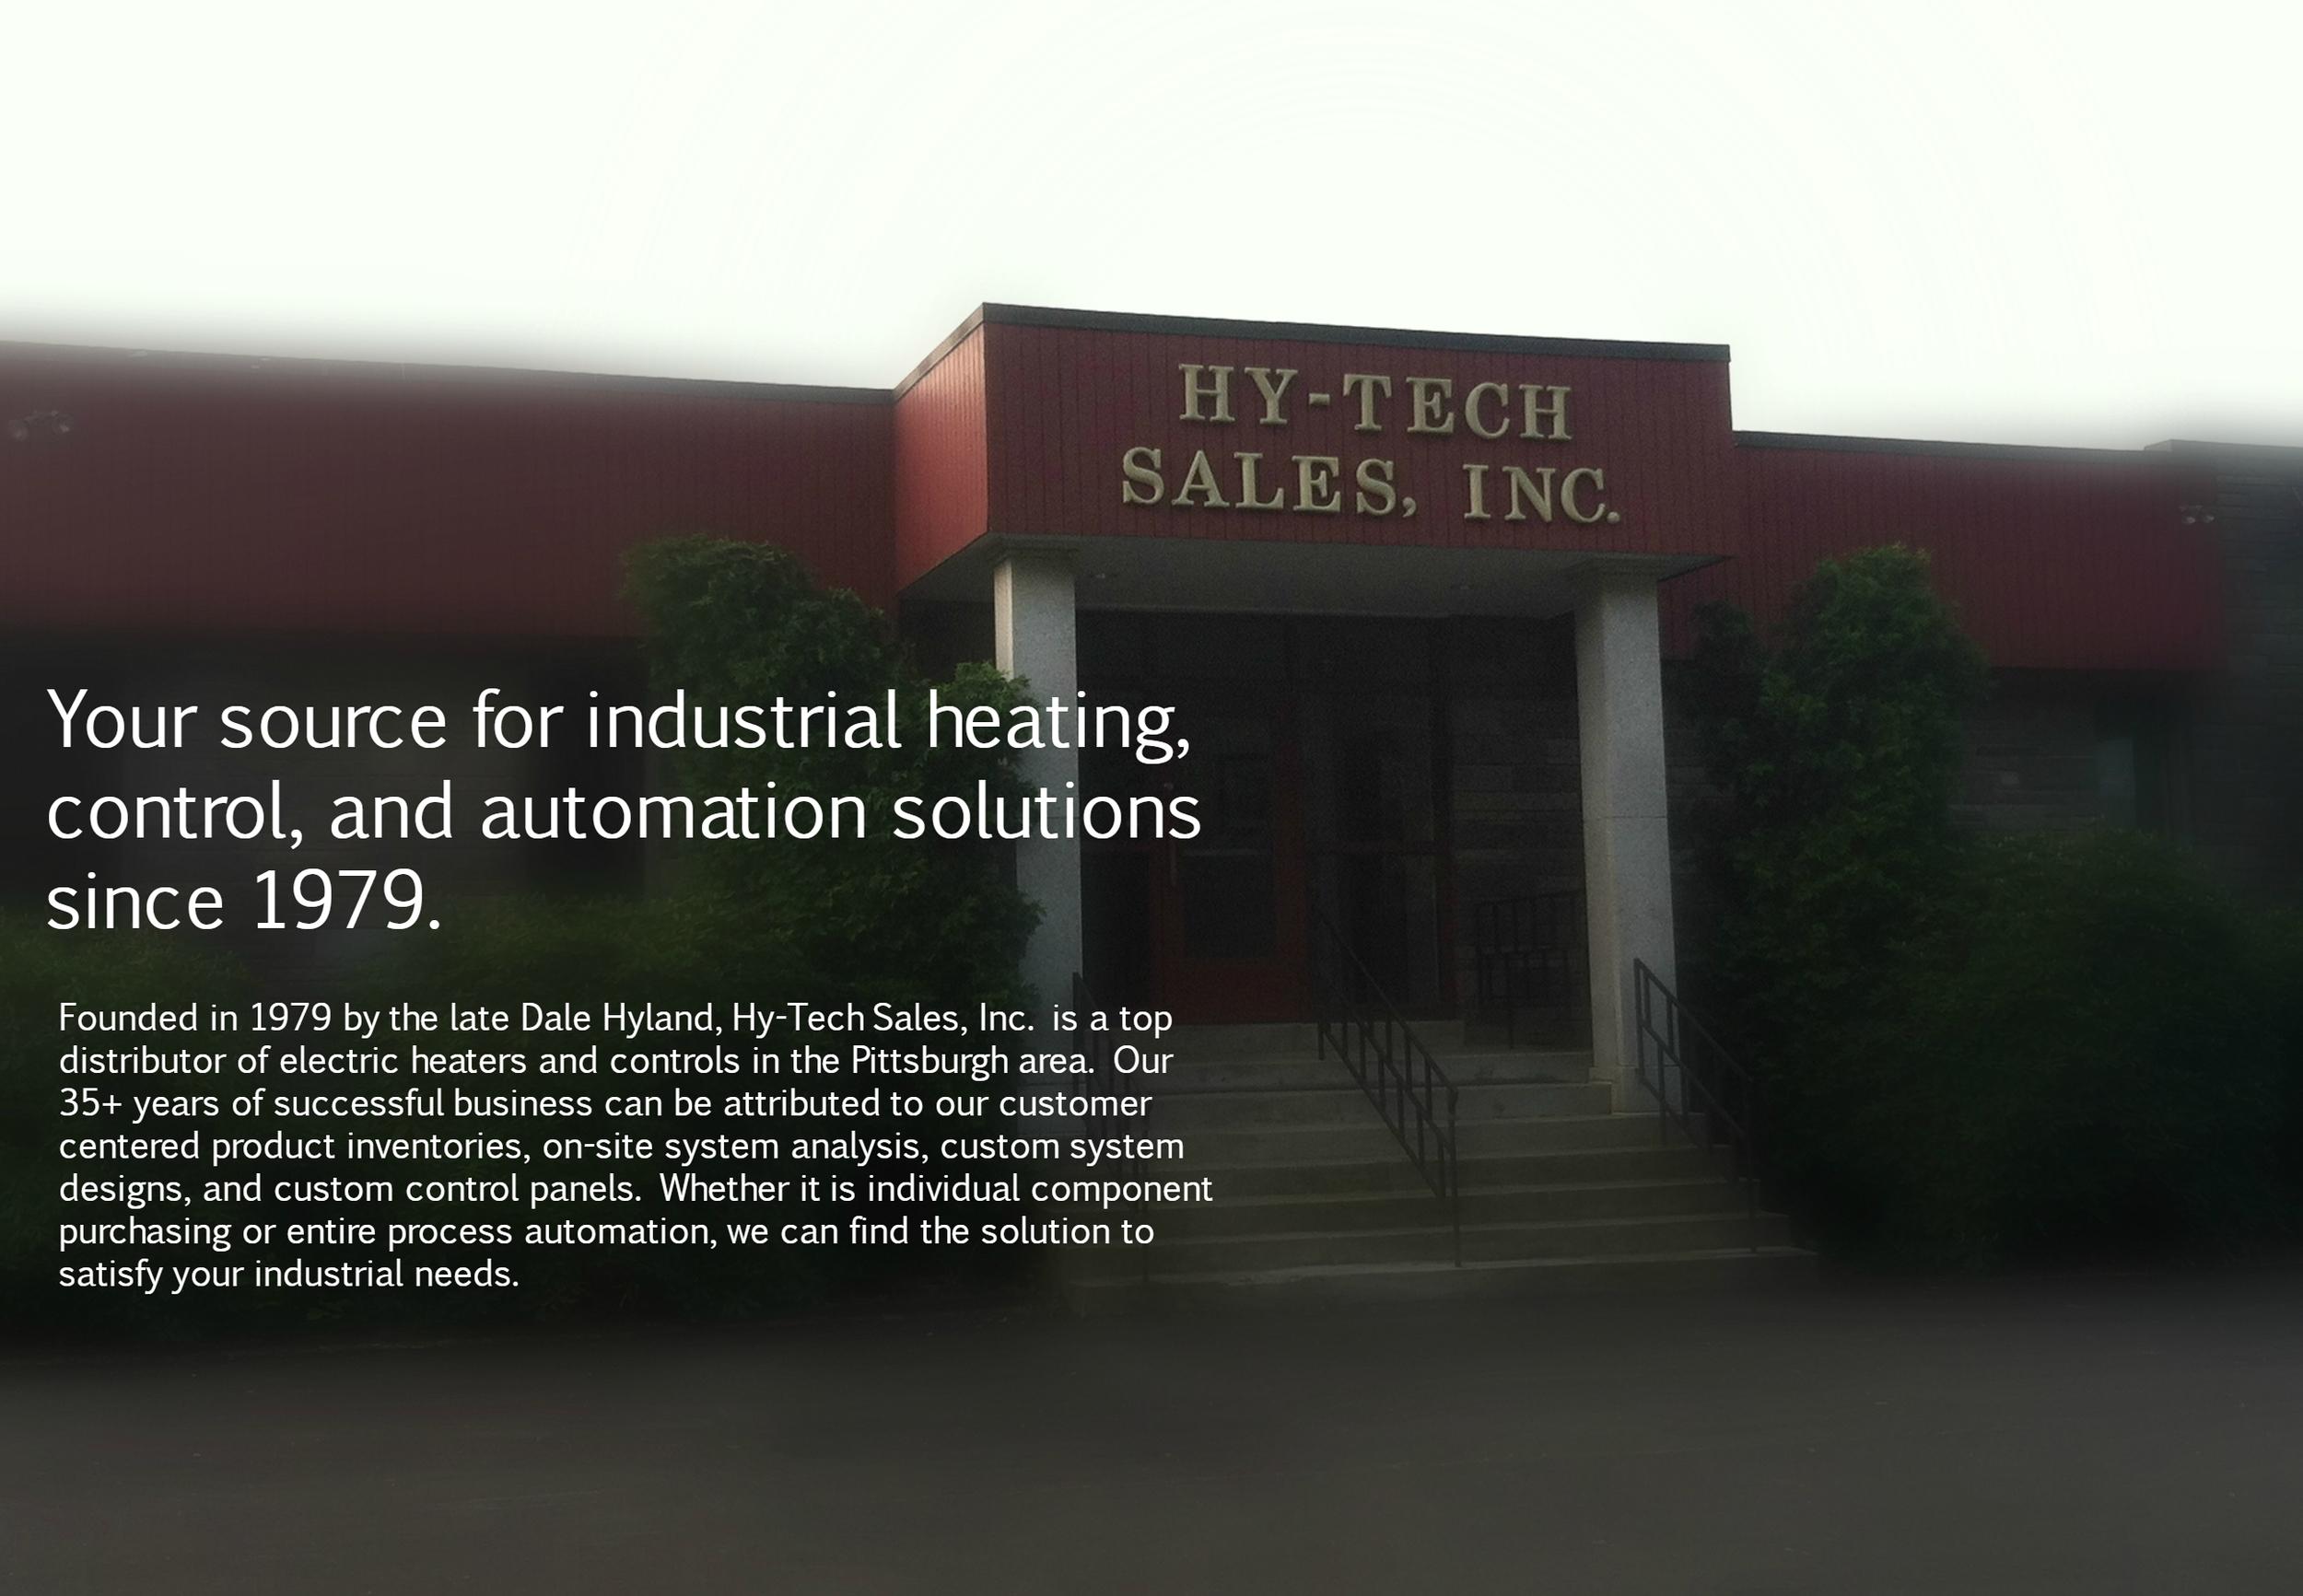 hy-tech building pic3.jpg